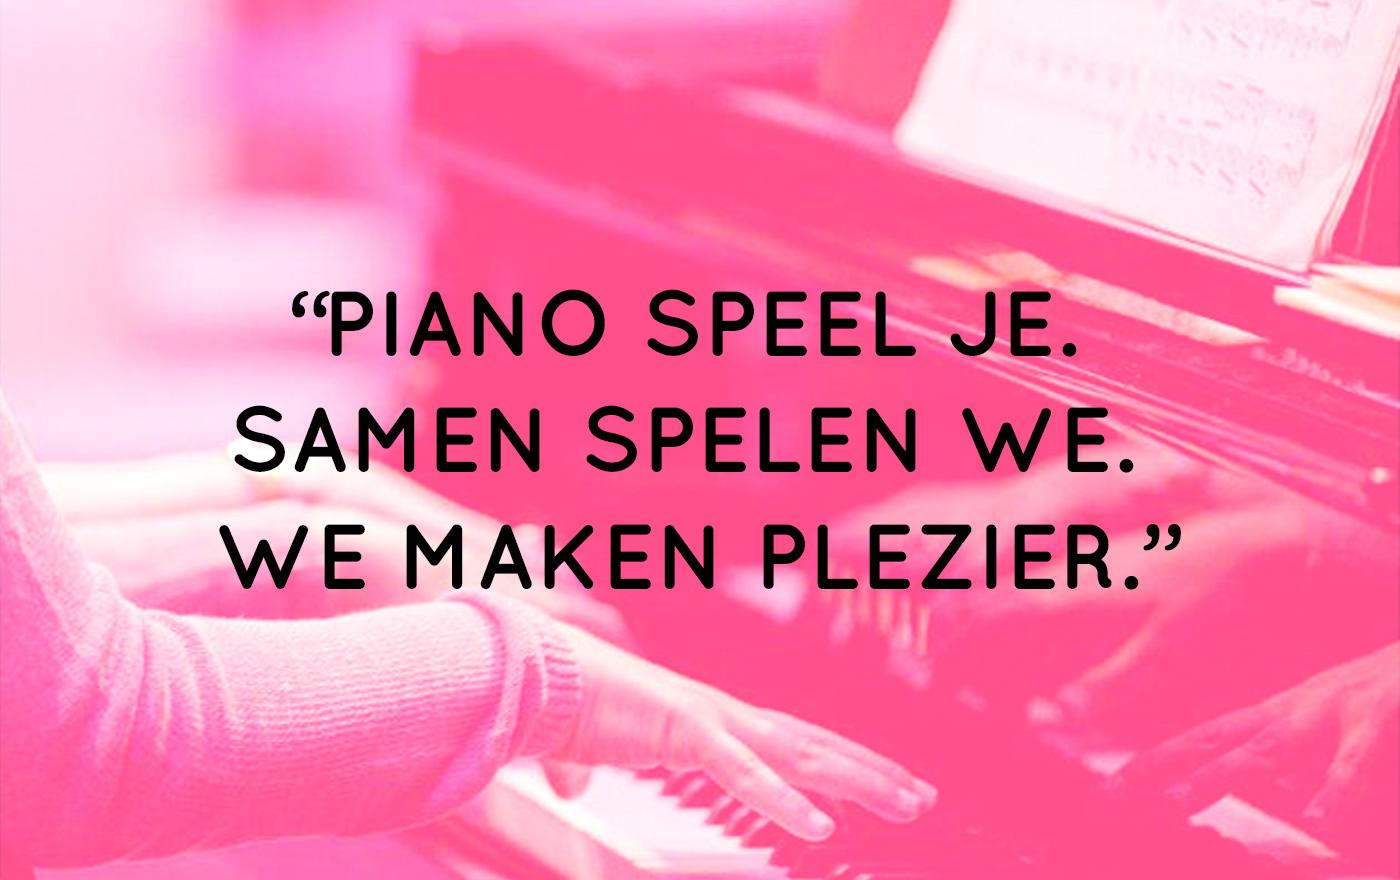 piano speel je. samen spelen we. we maken plezier.